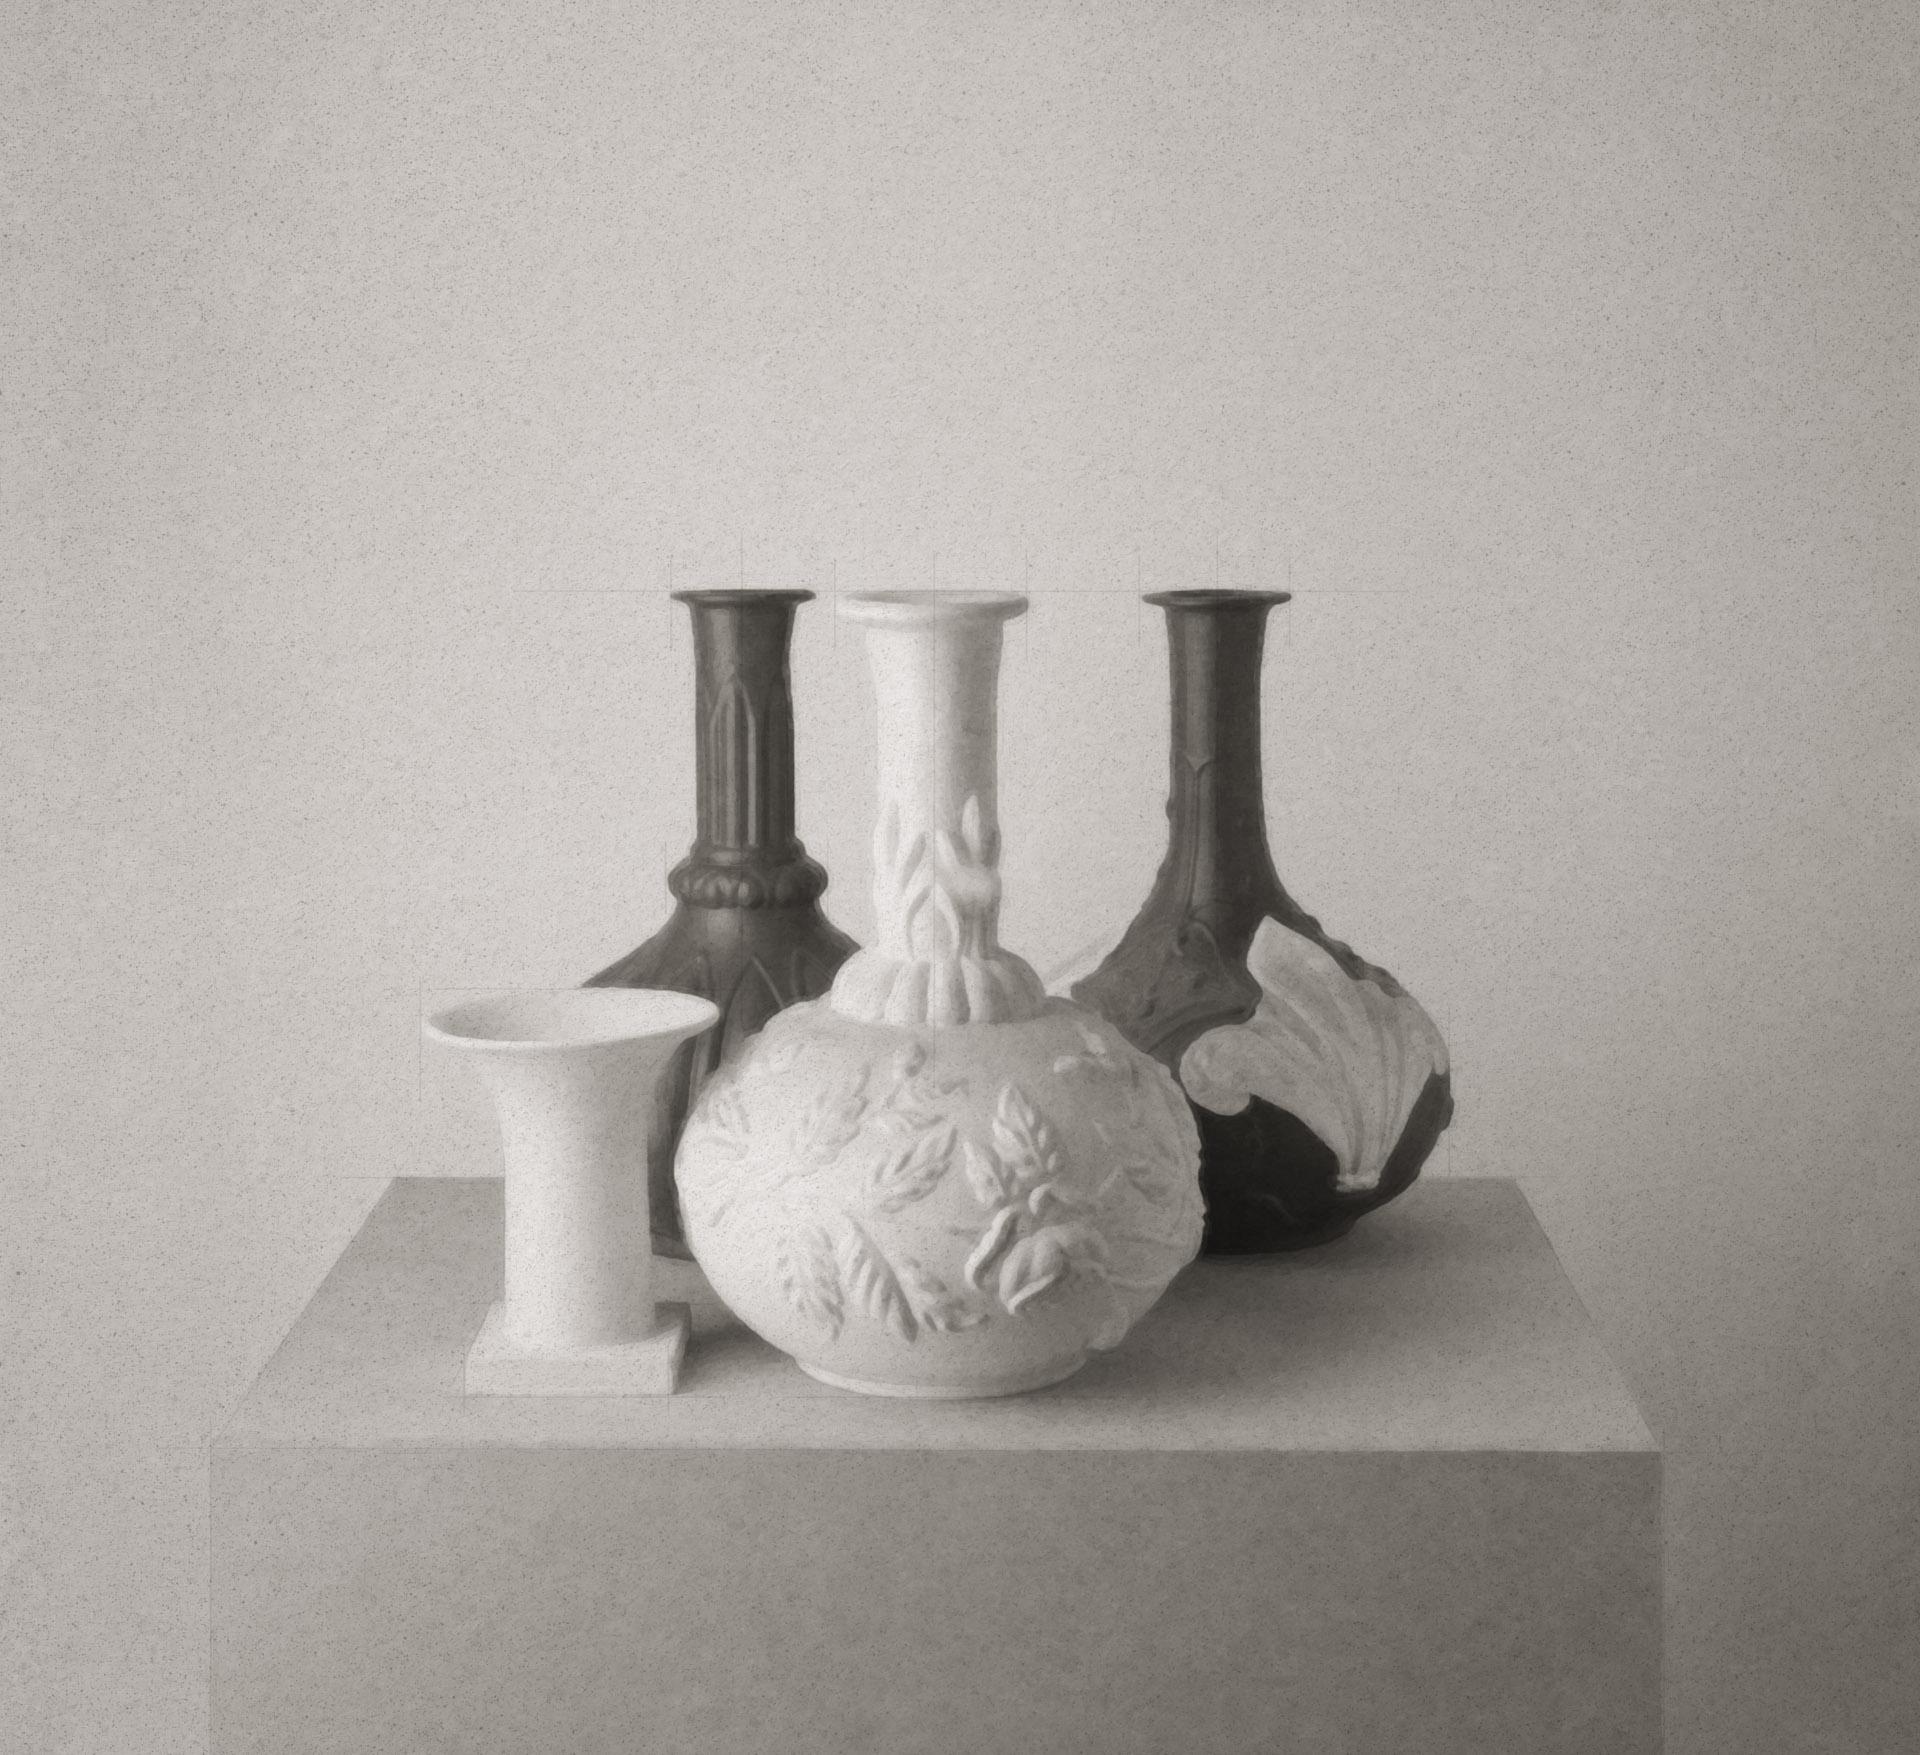 Morandi on a Pedestal 185